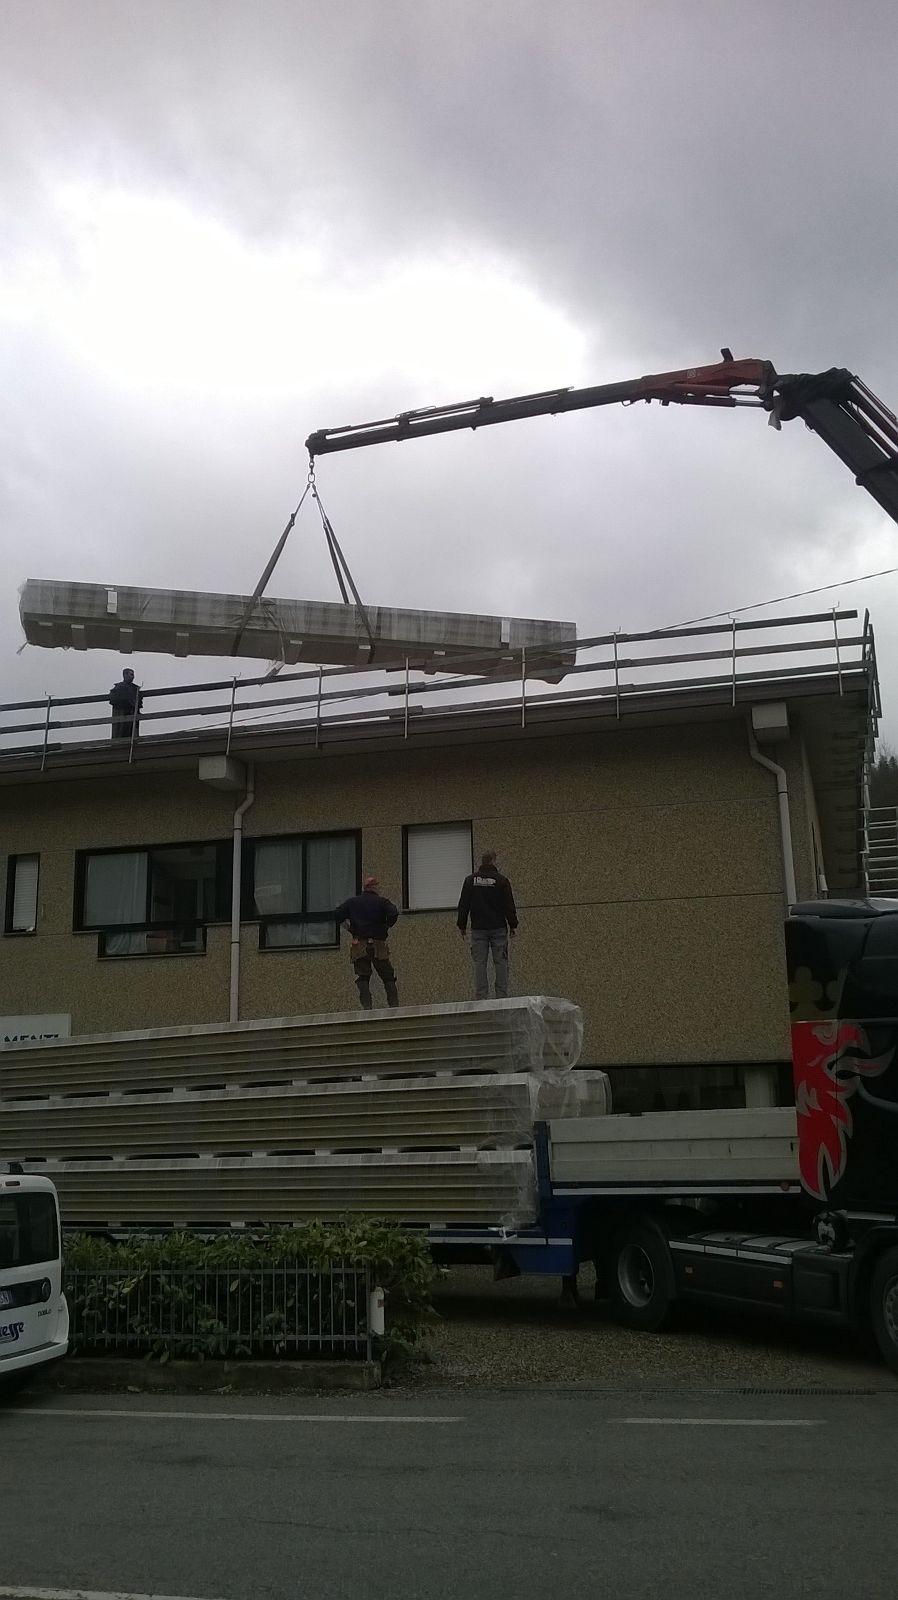 31 Luglio 2015 - Il progetto Poggi Arredamenti Green, ha portato all'installazione di pannelli fotovoltaici per una potenza di 35 kw sulla copertura dell'immobile in Loc. Beinaschi (Fascia-GE) che ospita showroom, magazzini e uffici. Da quando l'impianto è entrato in funzione: l'illuminazione, i computer dei nostri uffici, le attrezzature e molto altro sono operativi grazie all'energia solare. #PAGreen